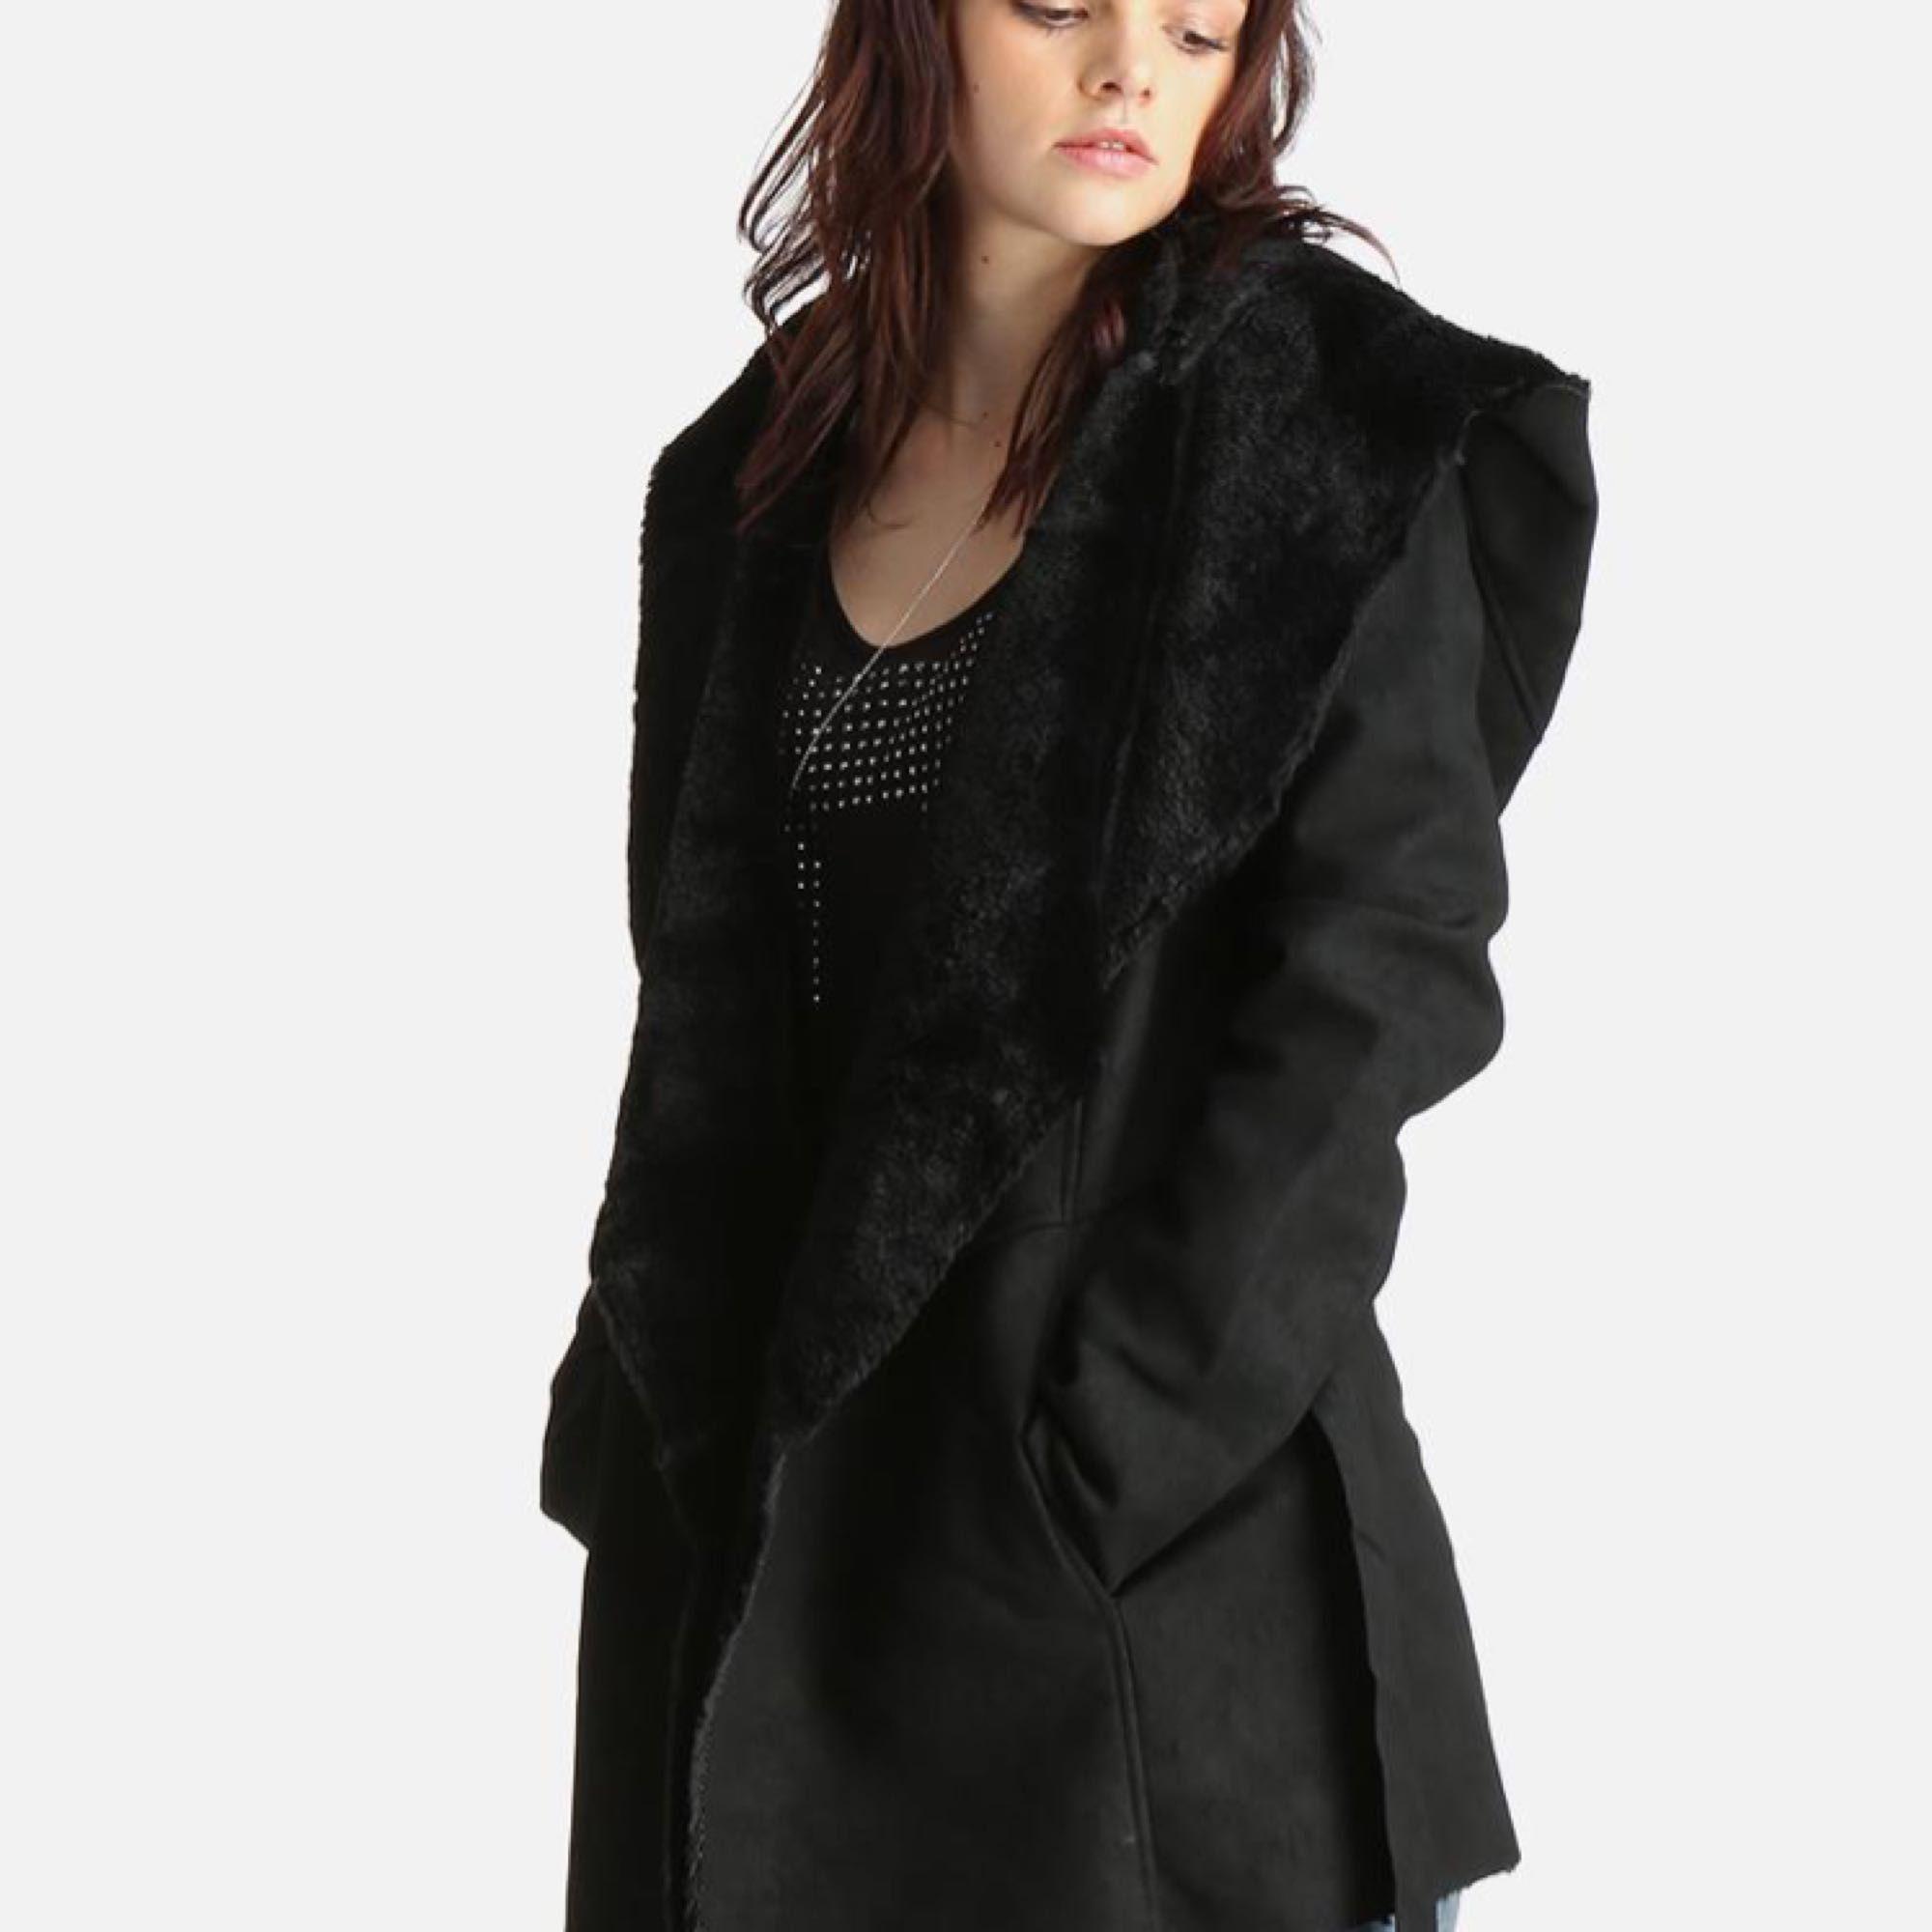 Jacka med skinn- och pälskänsla i knytform från only (modellen heter carrie bonded jacket). Supermysigt foder. Helt oanvänd. Nypris 600kr. Jackor.